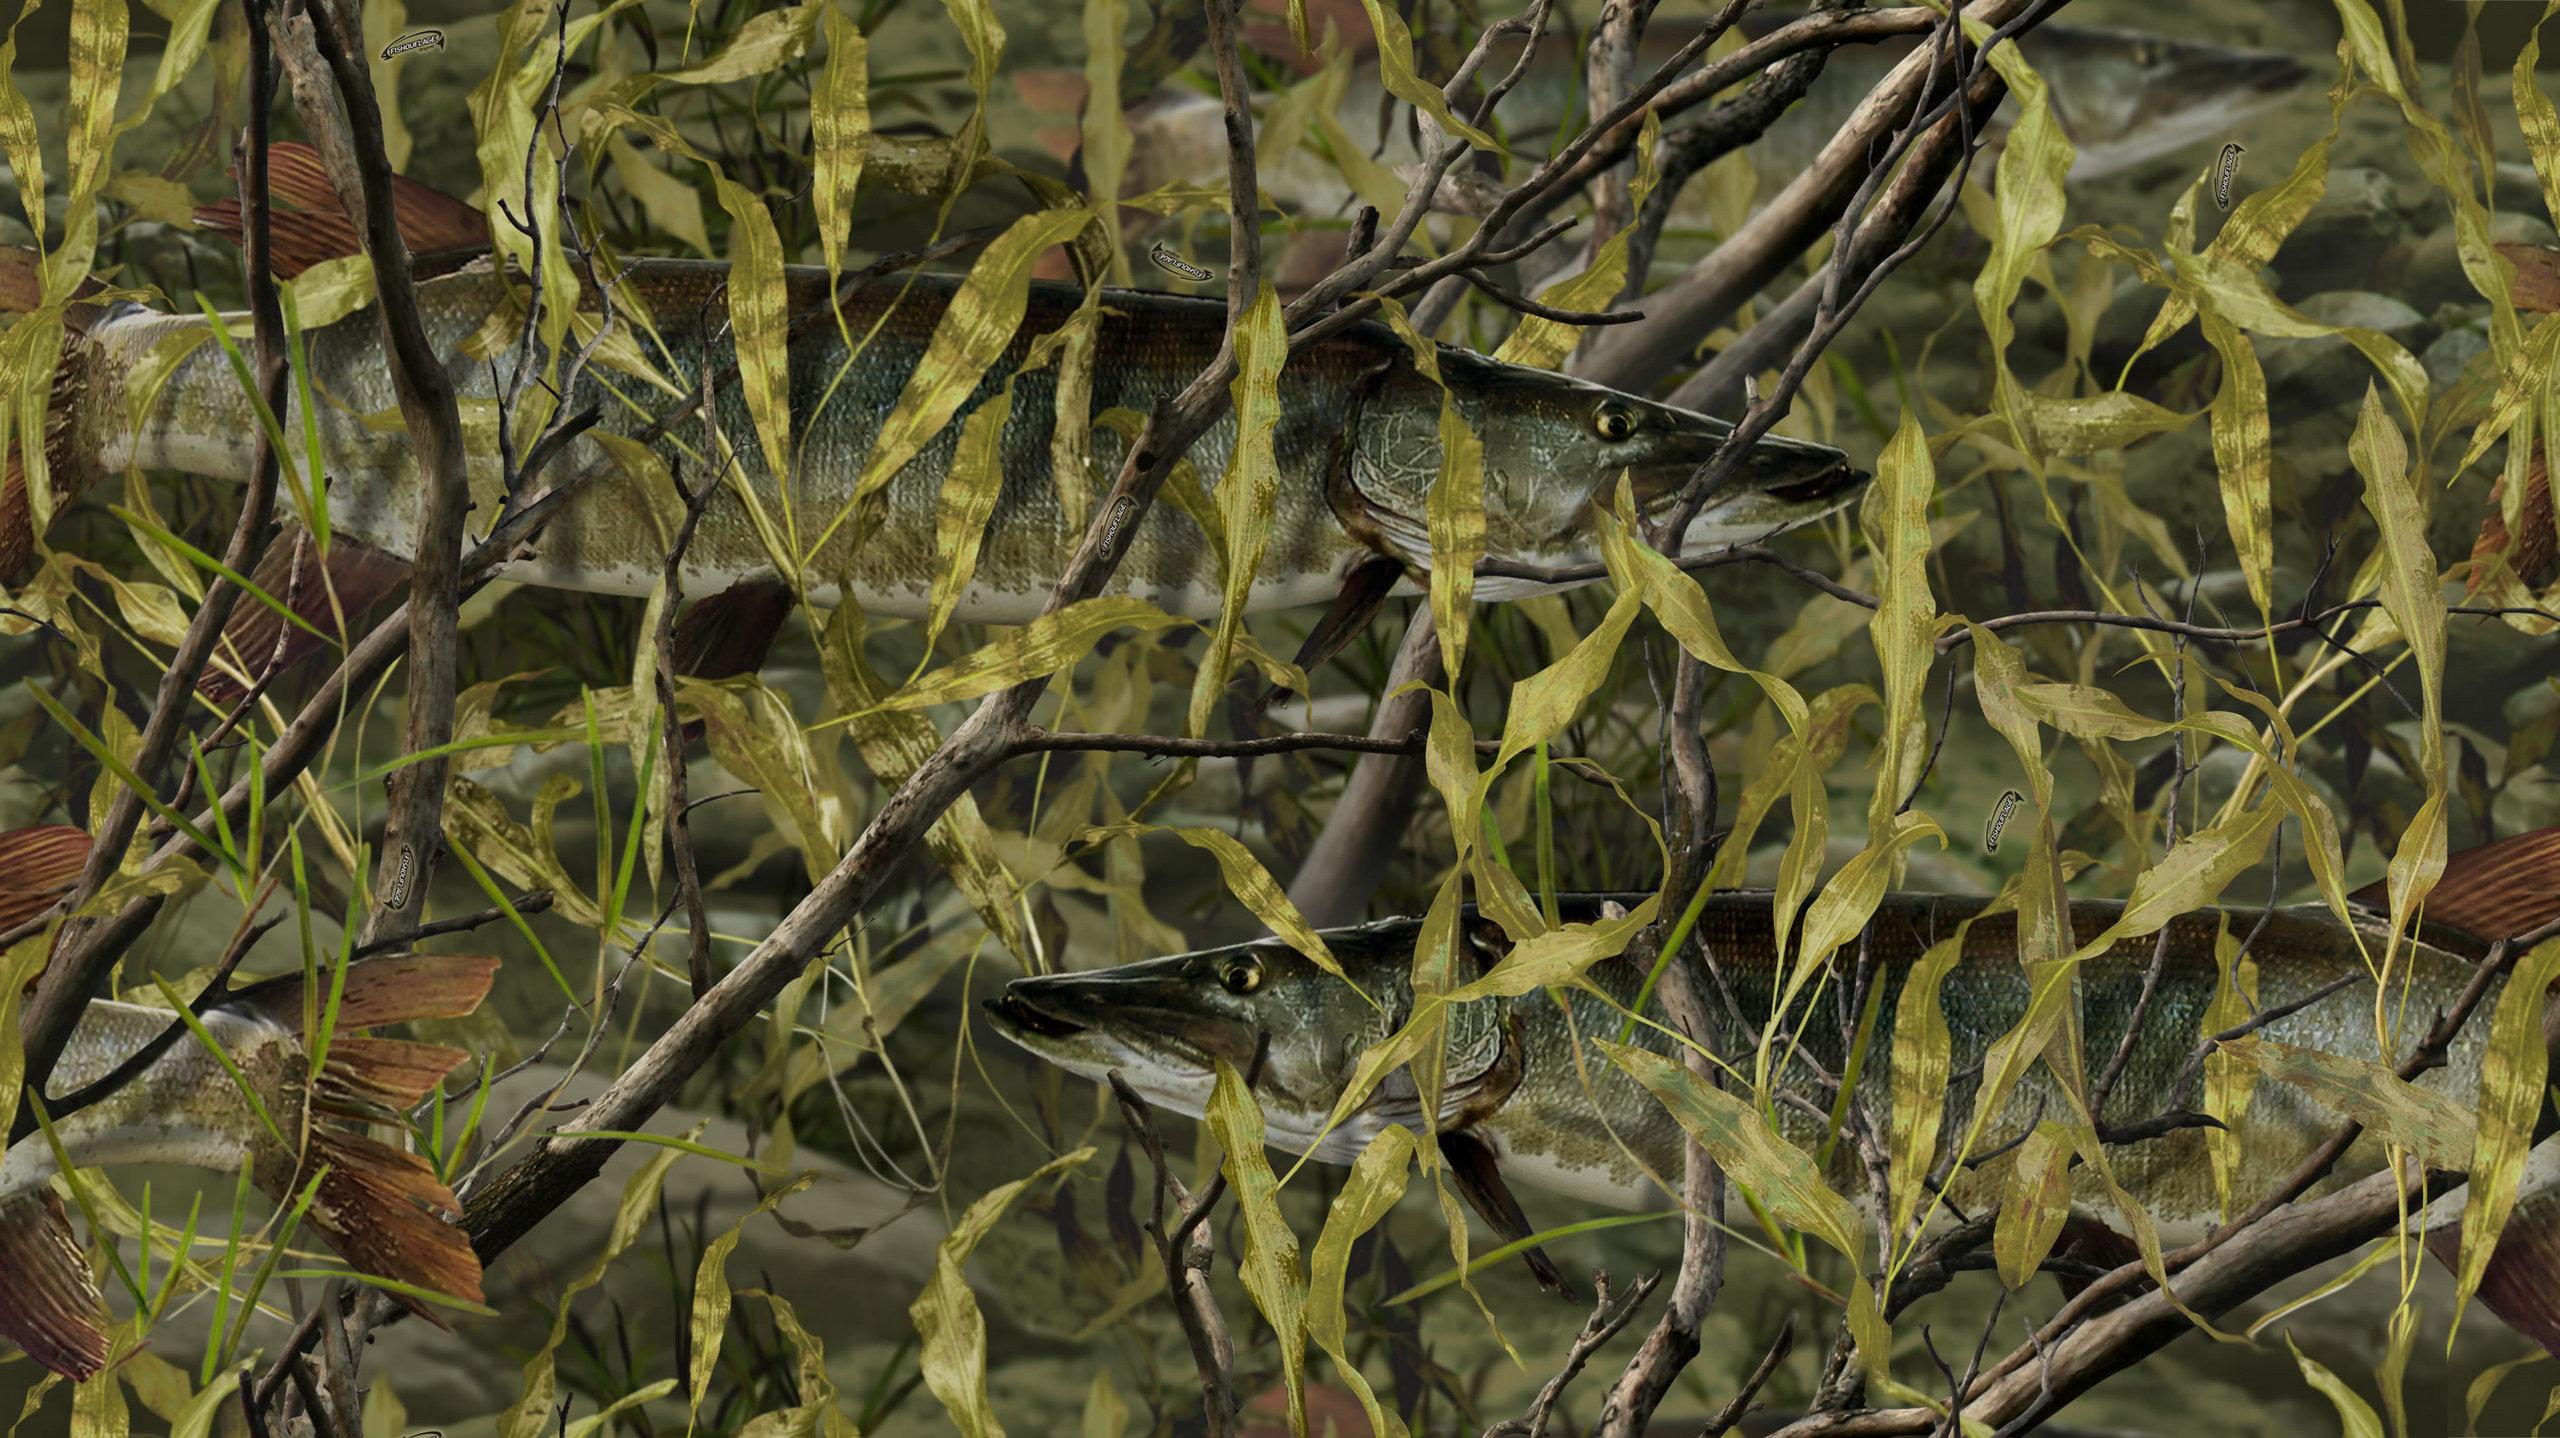 Fishouflage   Fishouflage Photo 23058211 2560x1438